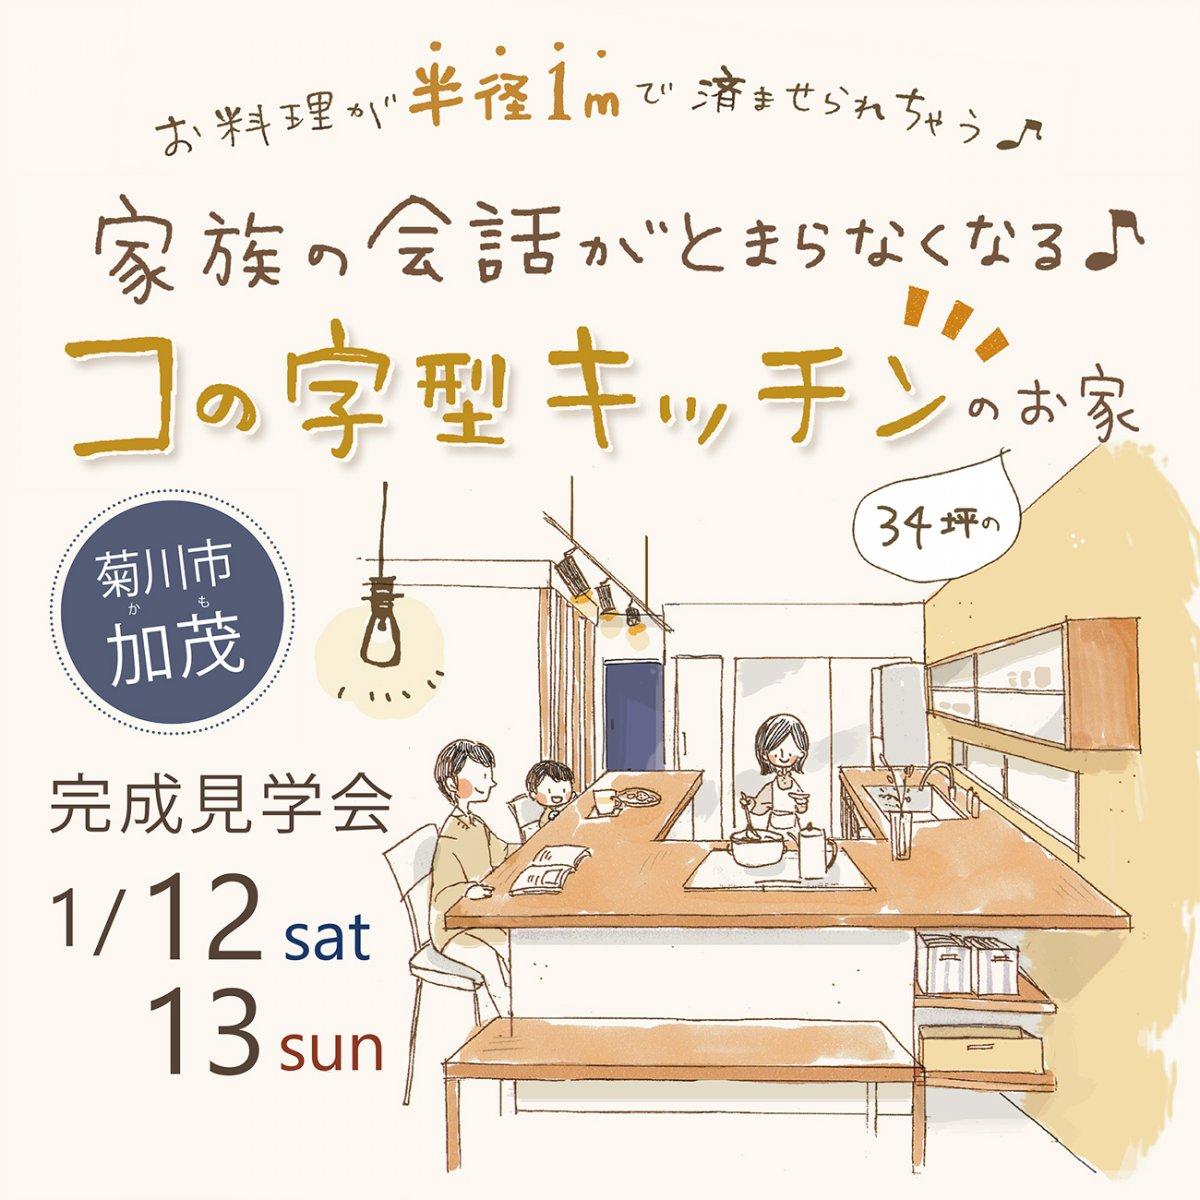 *開催しました♪* 完成見学会1月12日13日(土日) 菊川市加茂